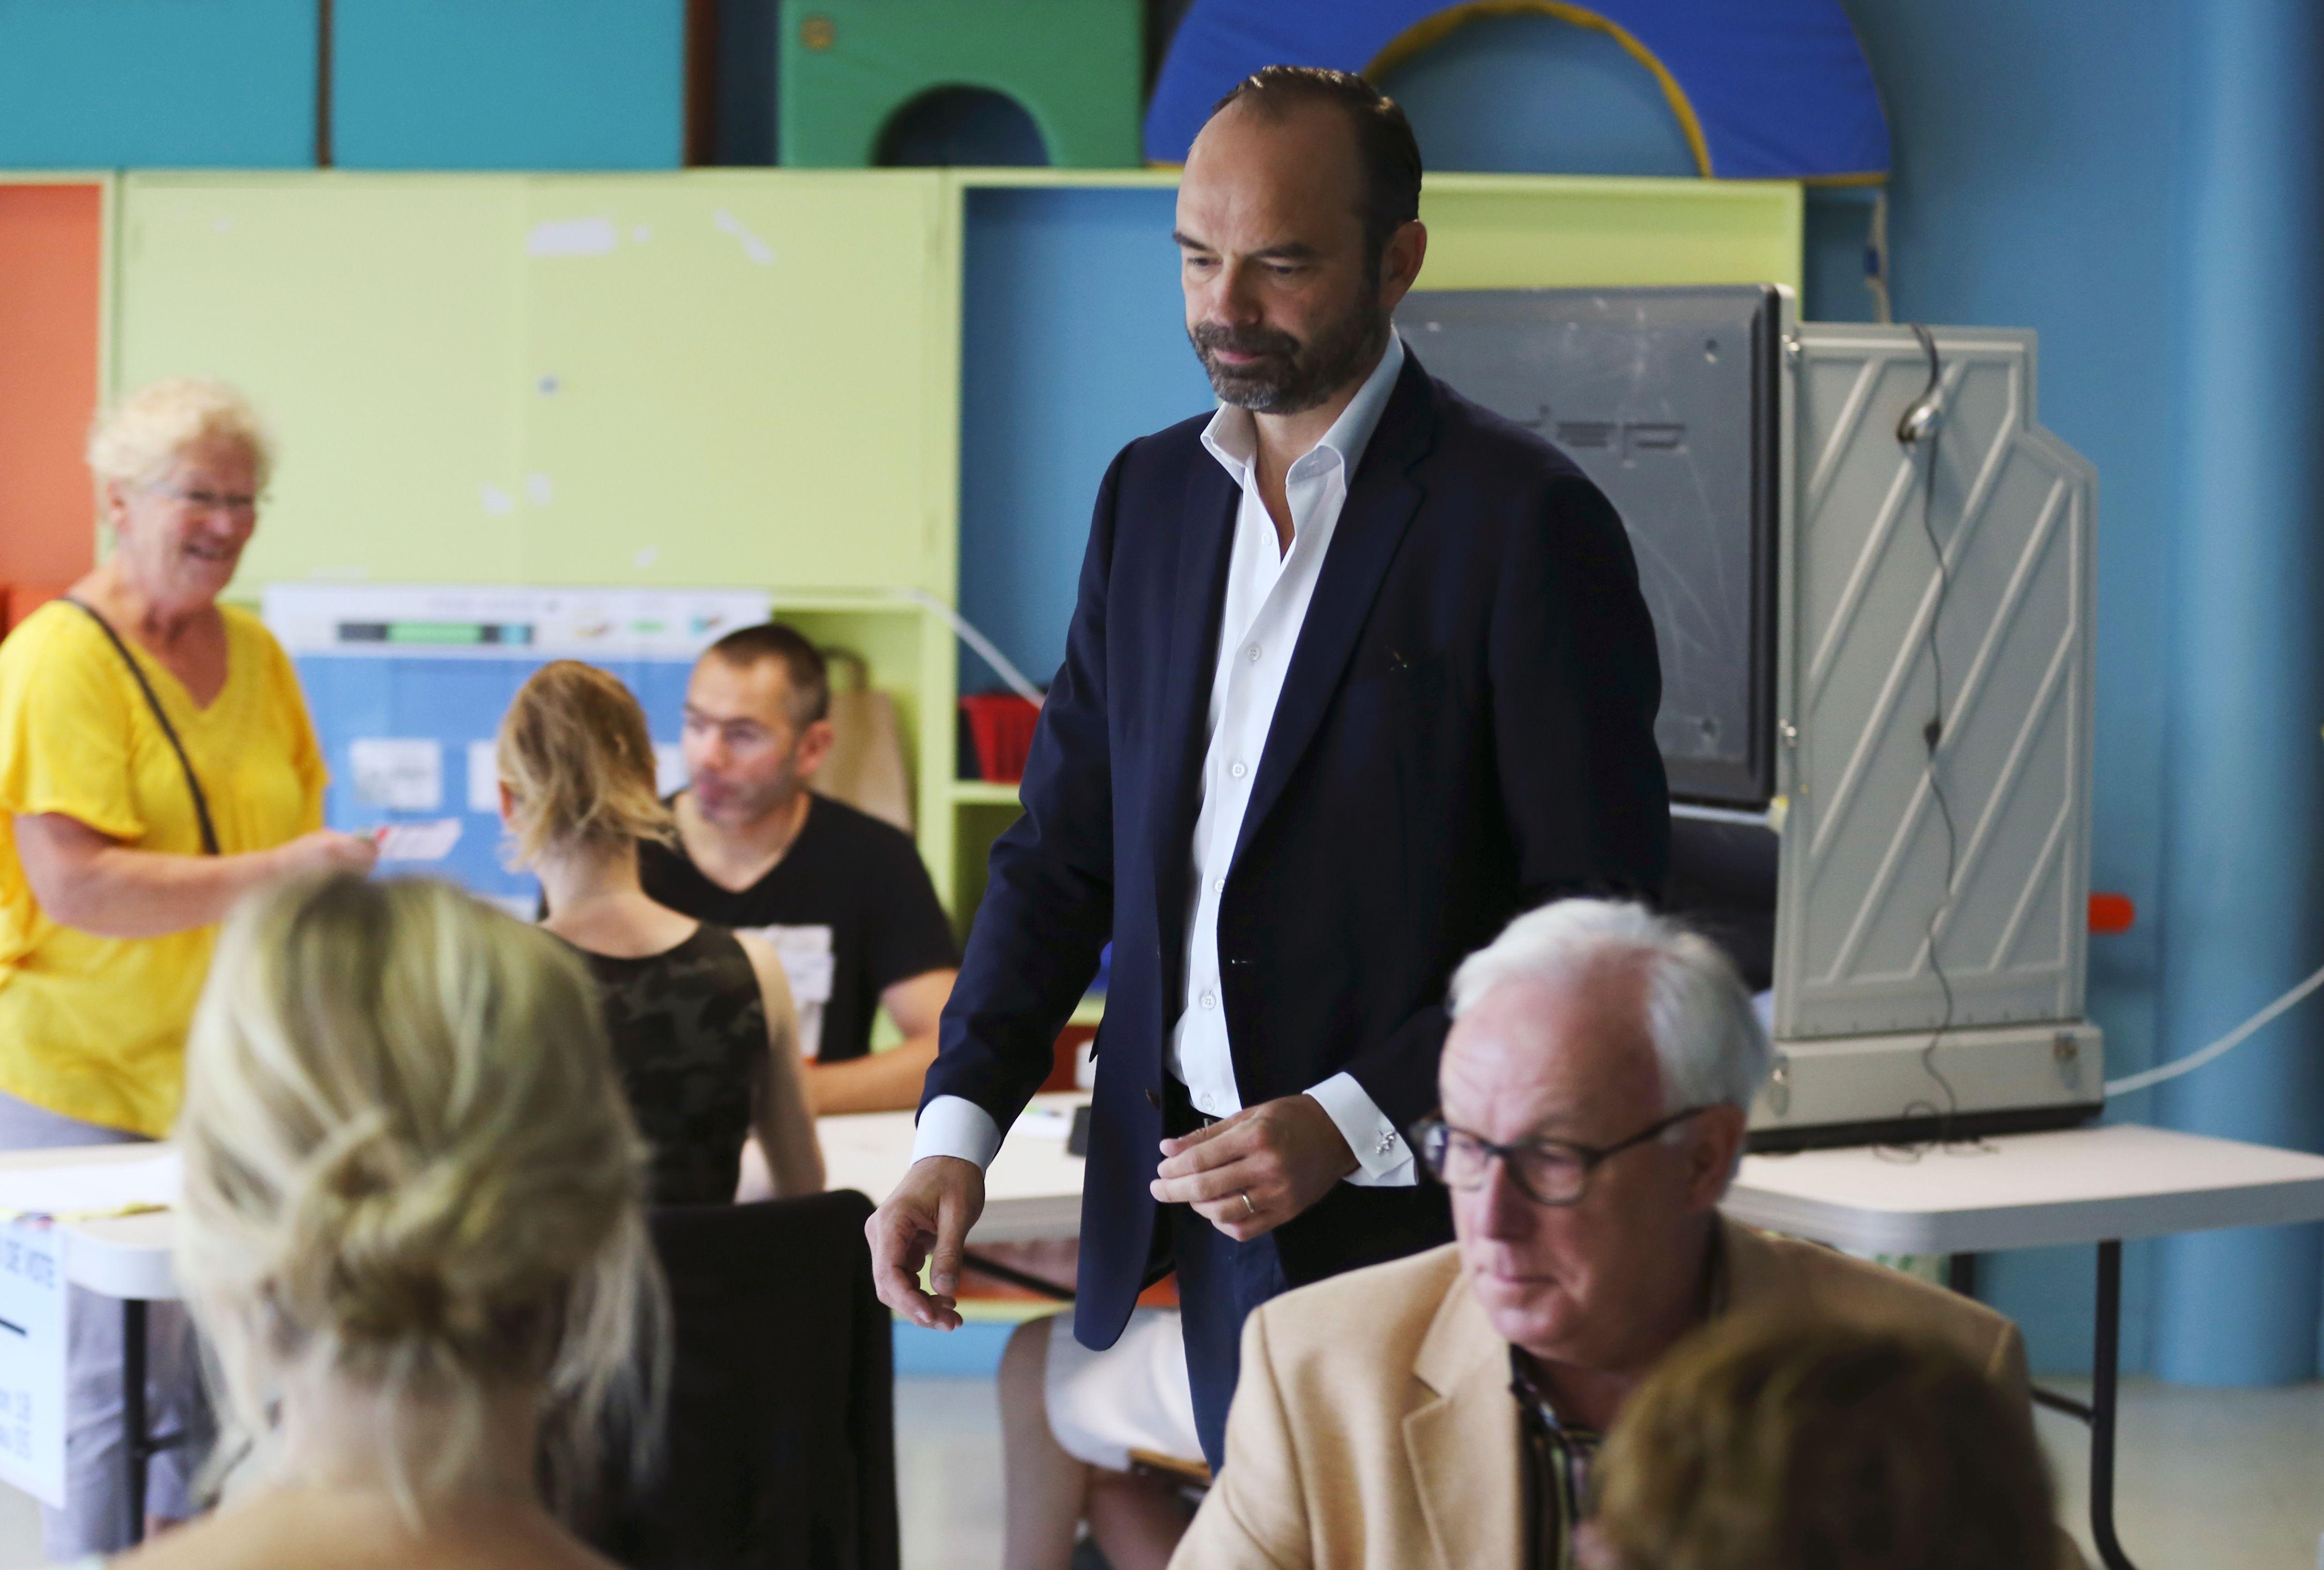 رئيس وزراء فرنسا يدلى بصوته فى الانتخابات التشريعية